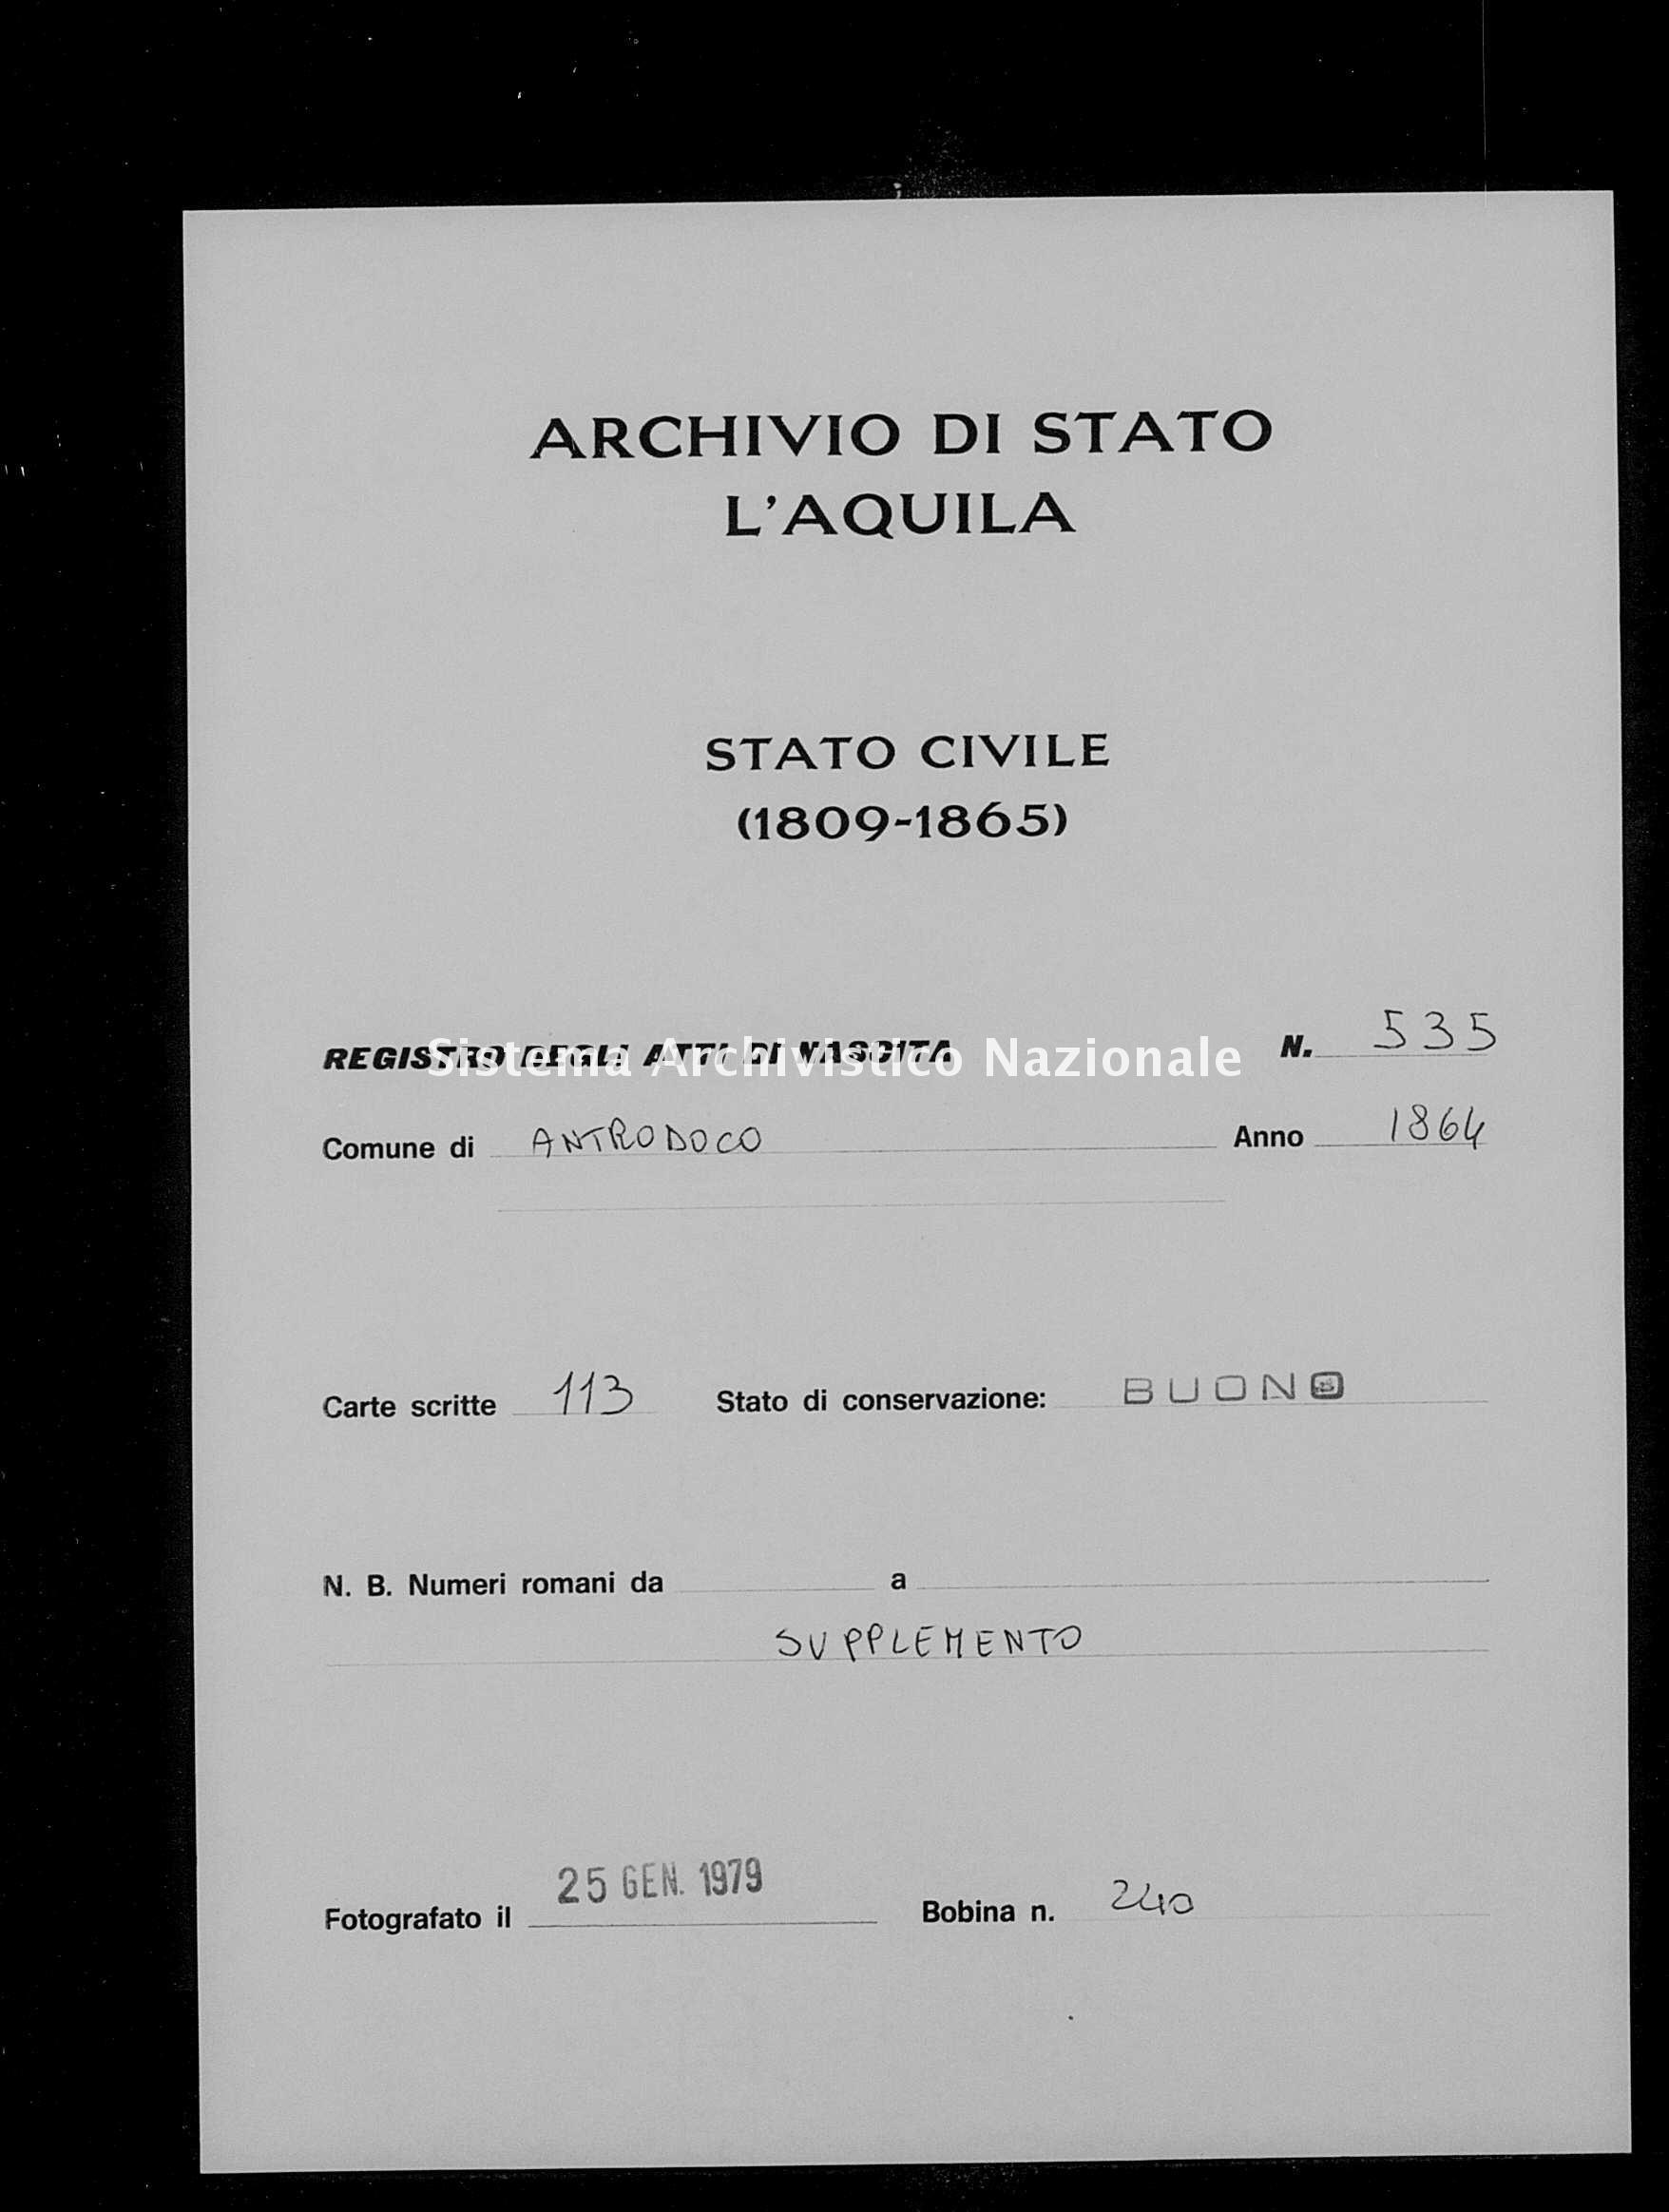 Archivio di stato di L'aquila - Stato civile italiano - Antrodoco - Nati, battesimi - 1864 - 535 -